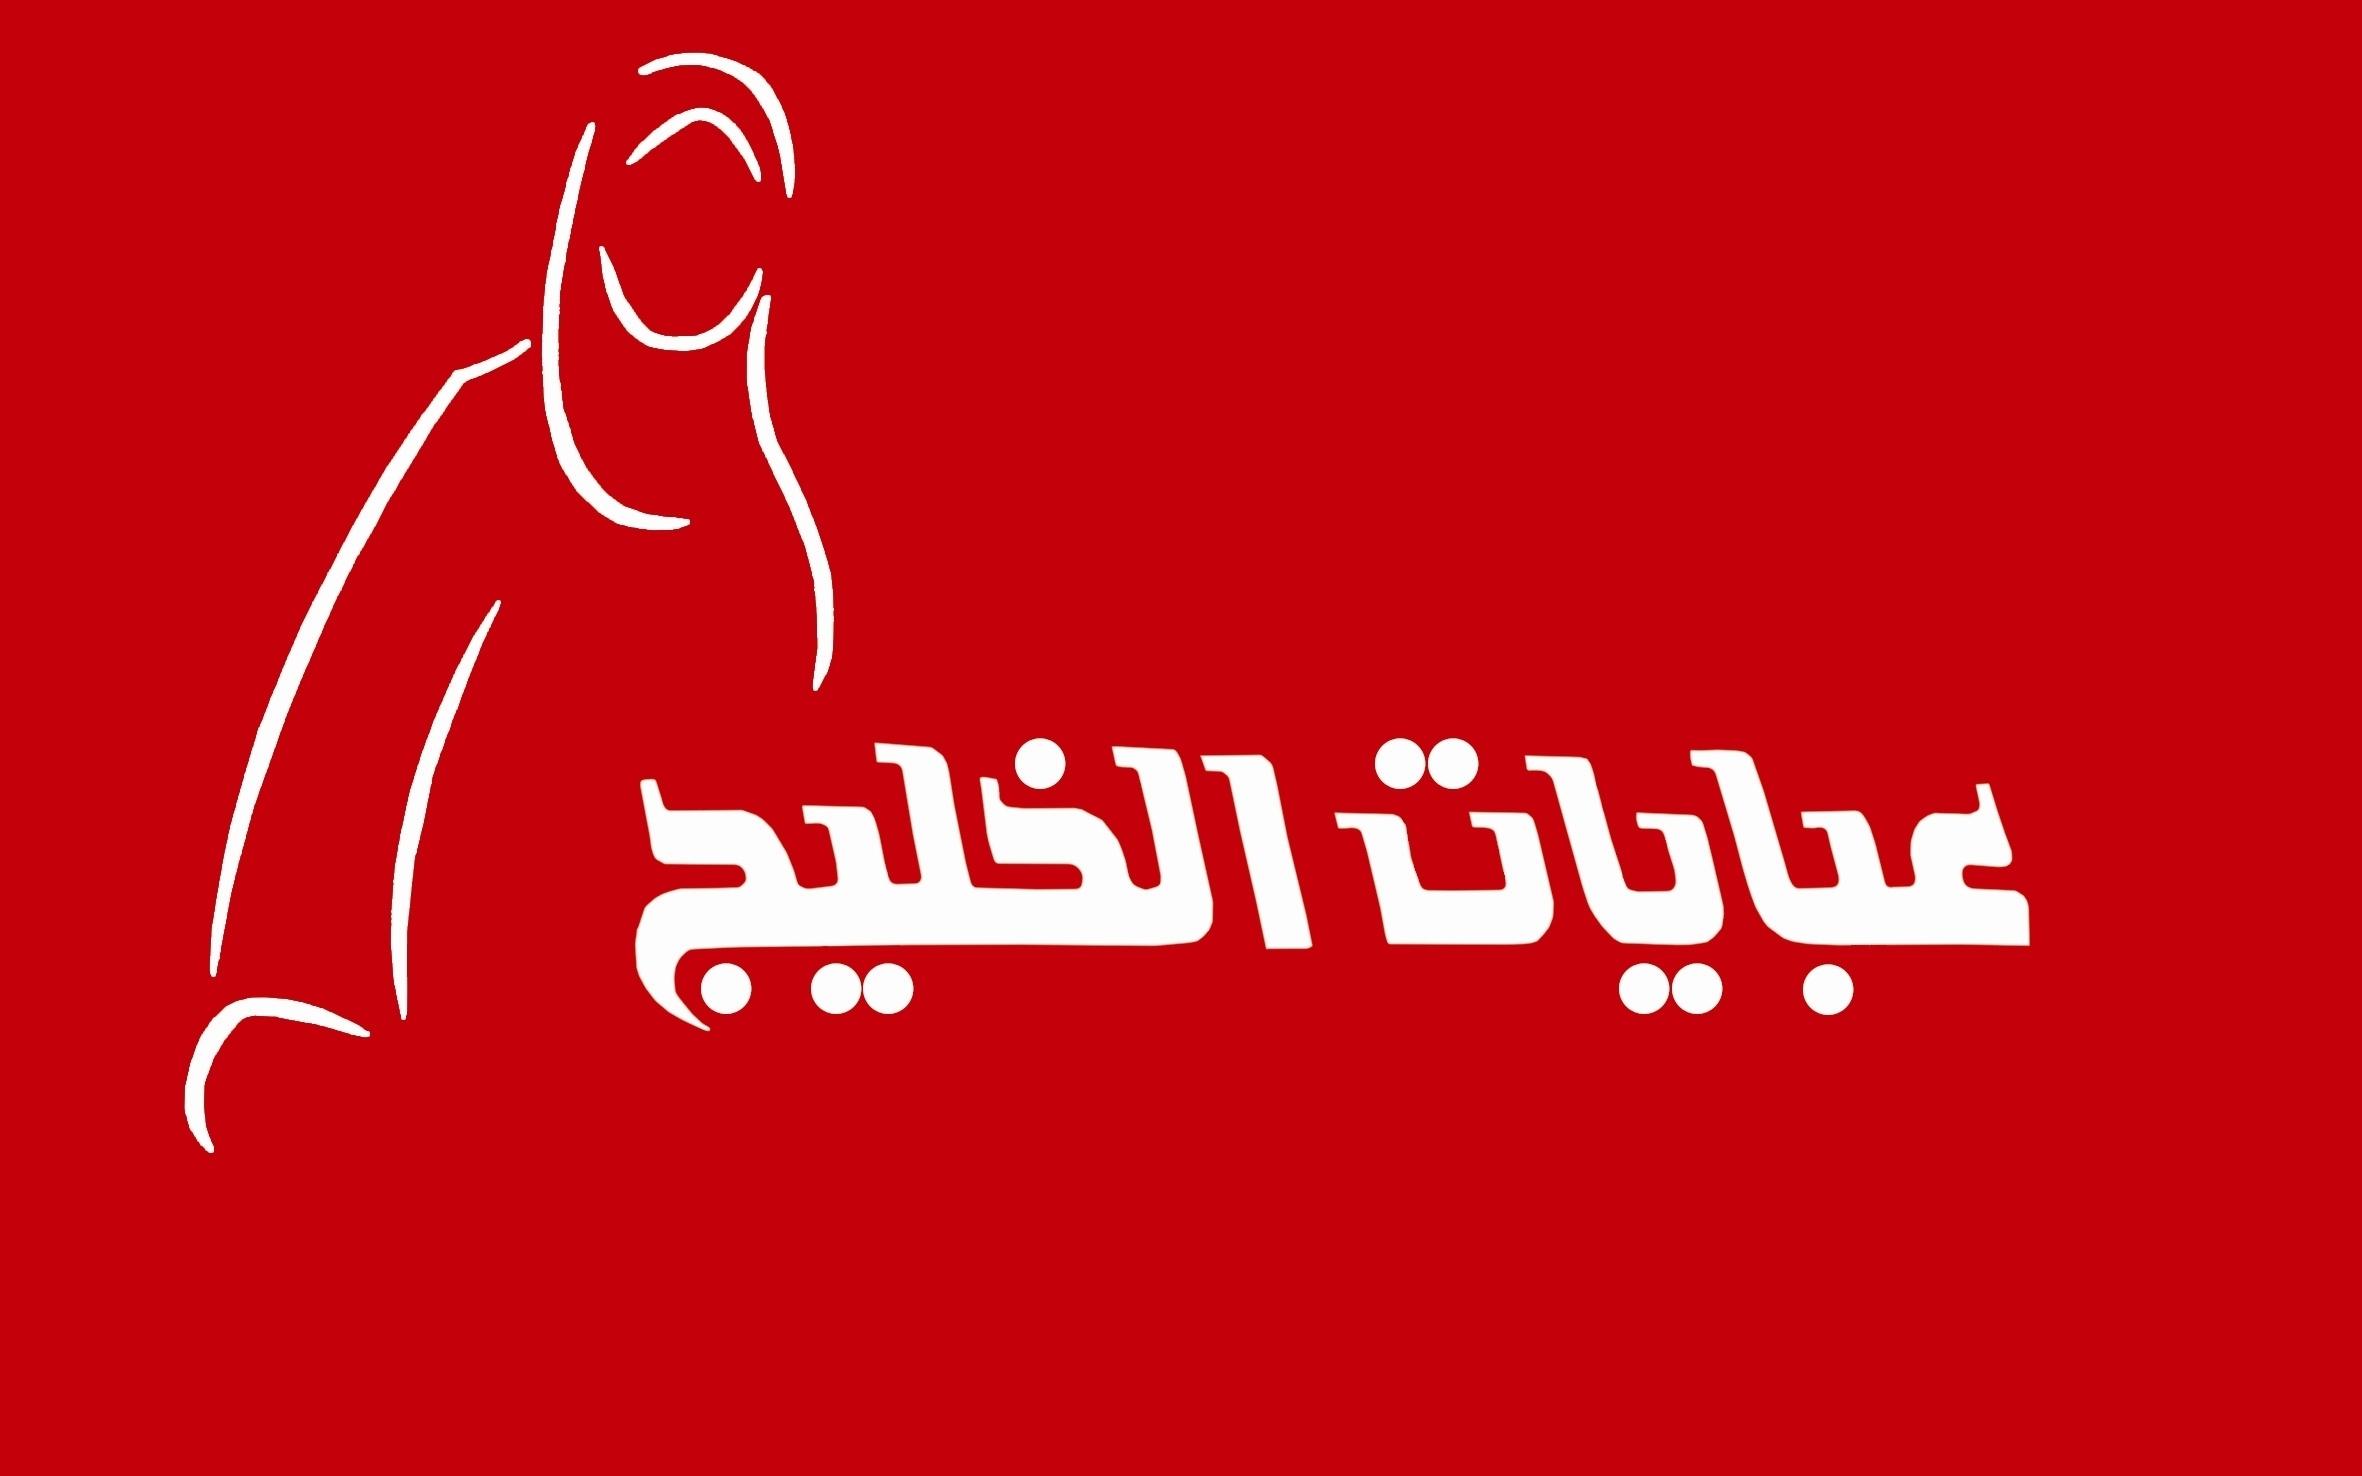 لوجو سلسلة محلات عبايات الخليج